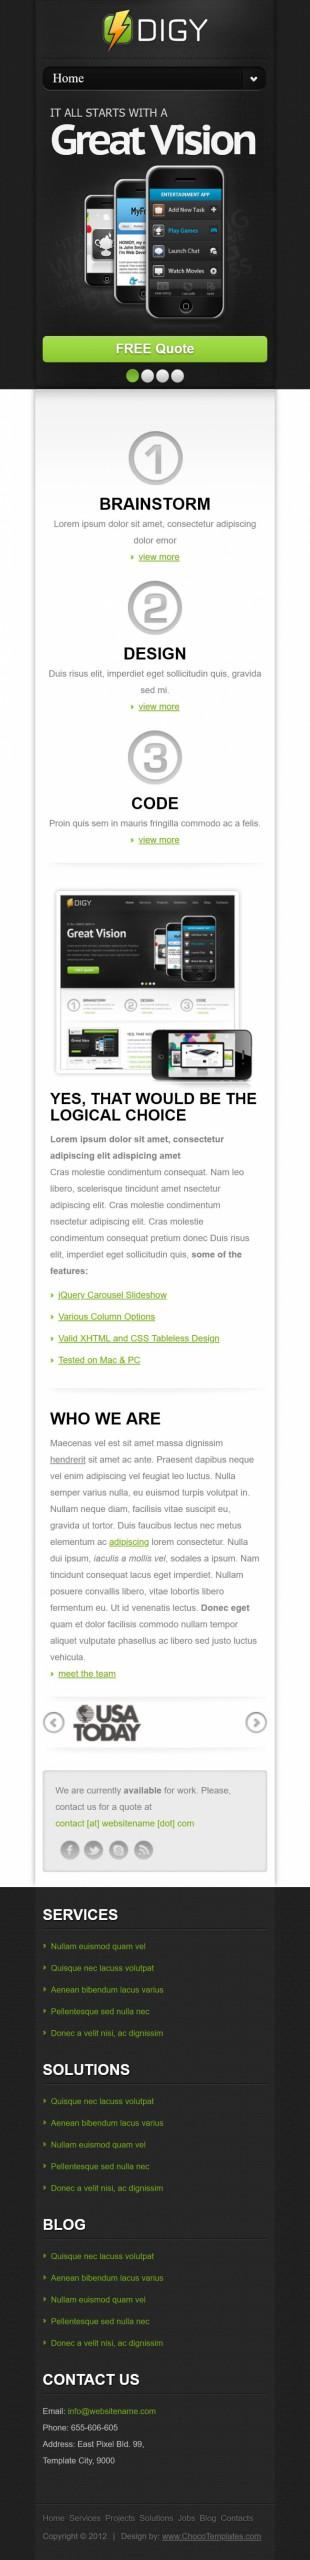 手机应用类网站首页英文网站制作模板手机图片